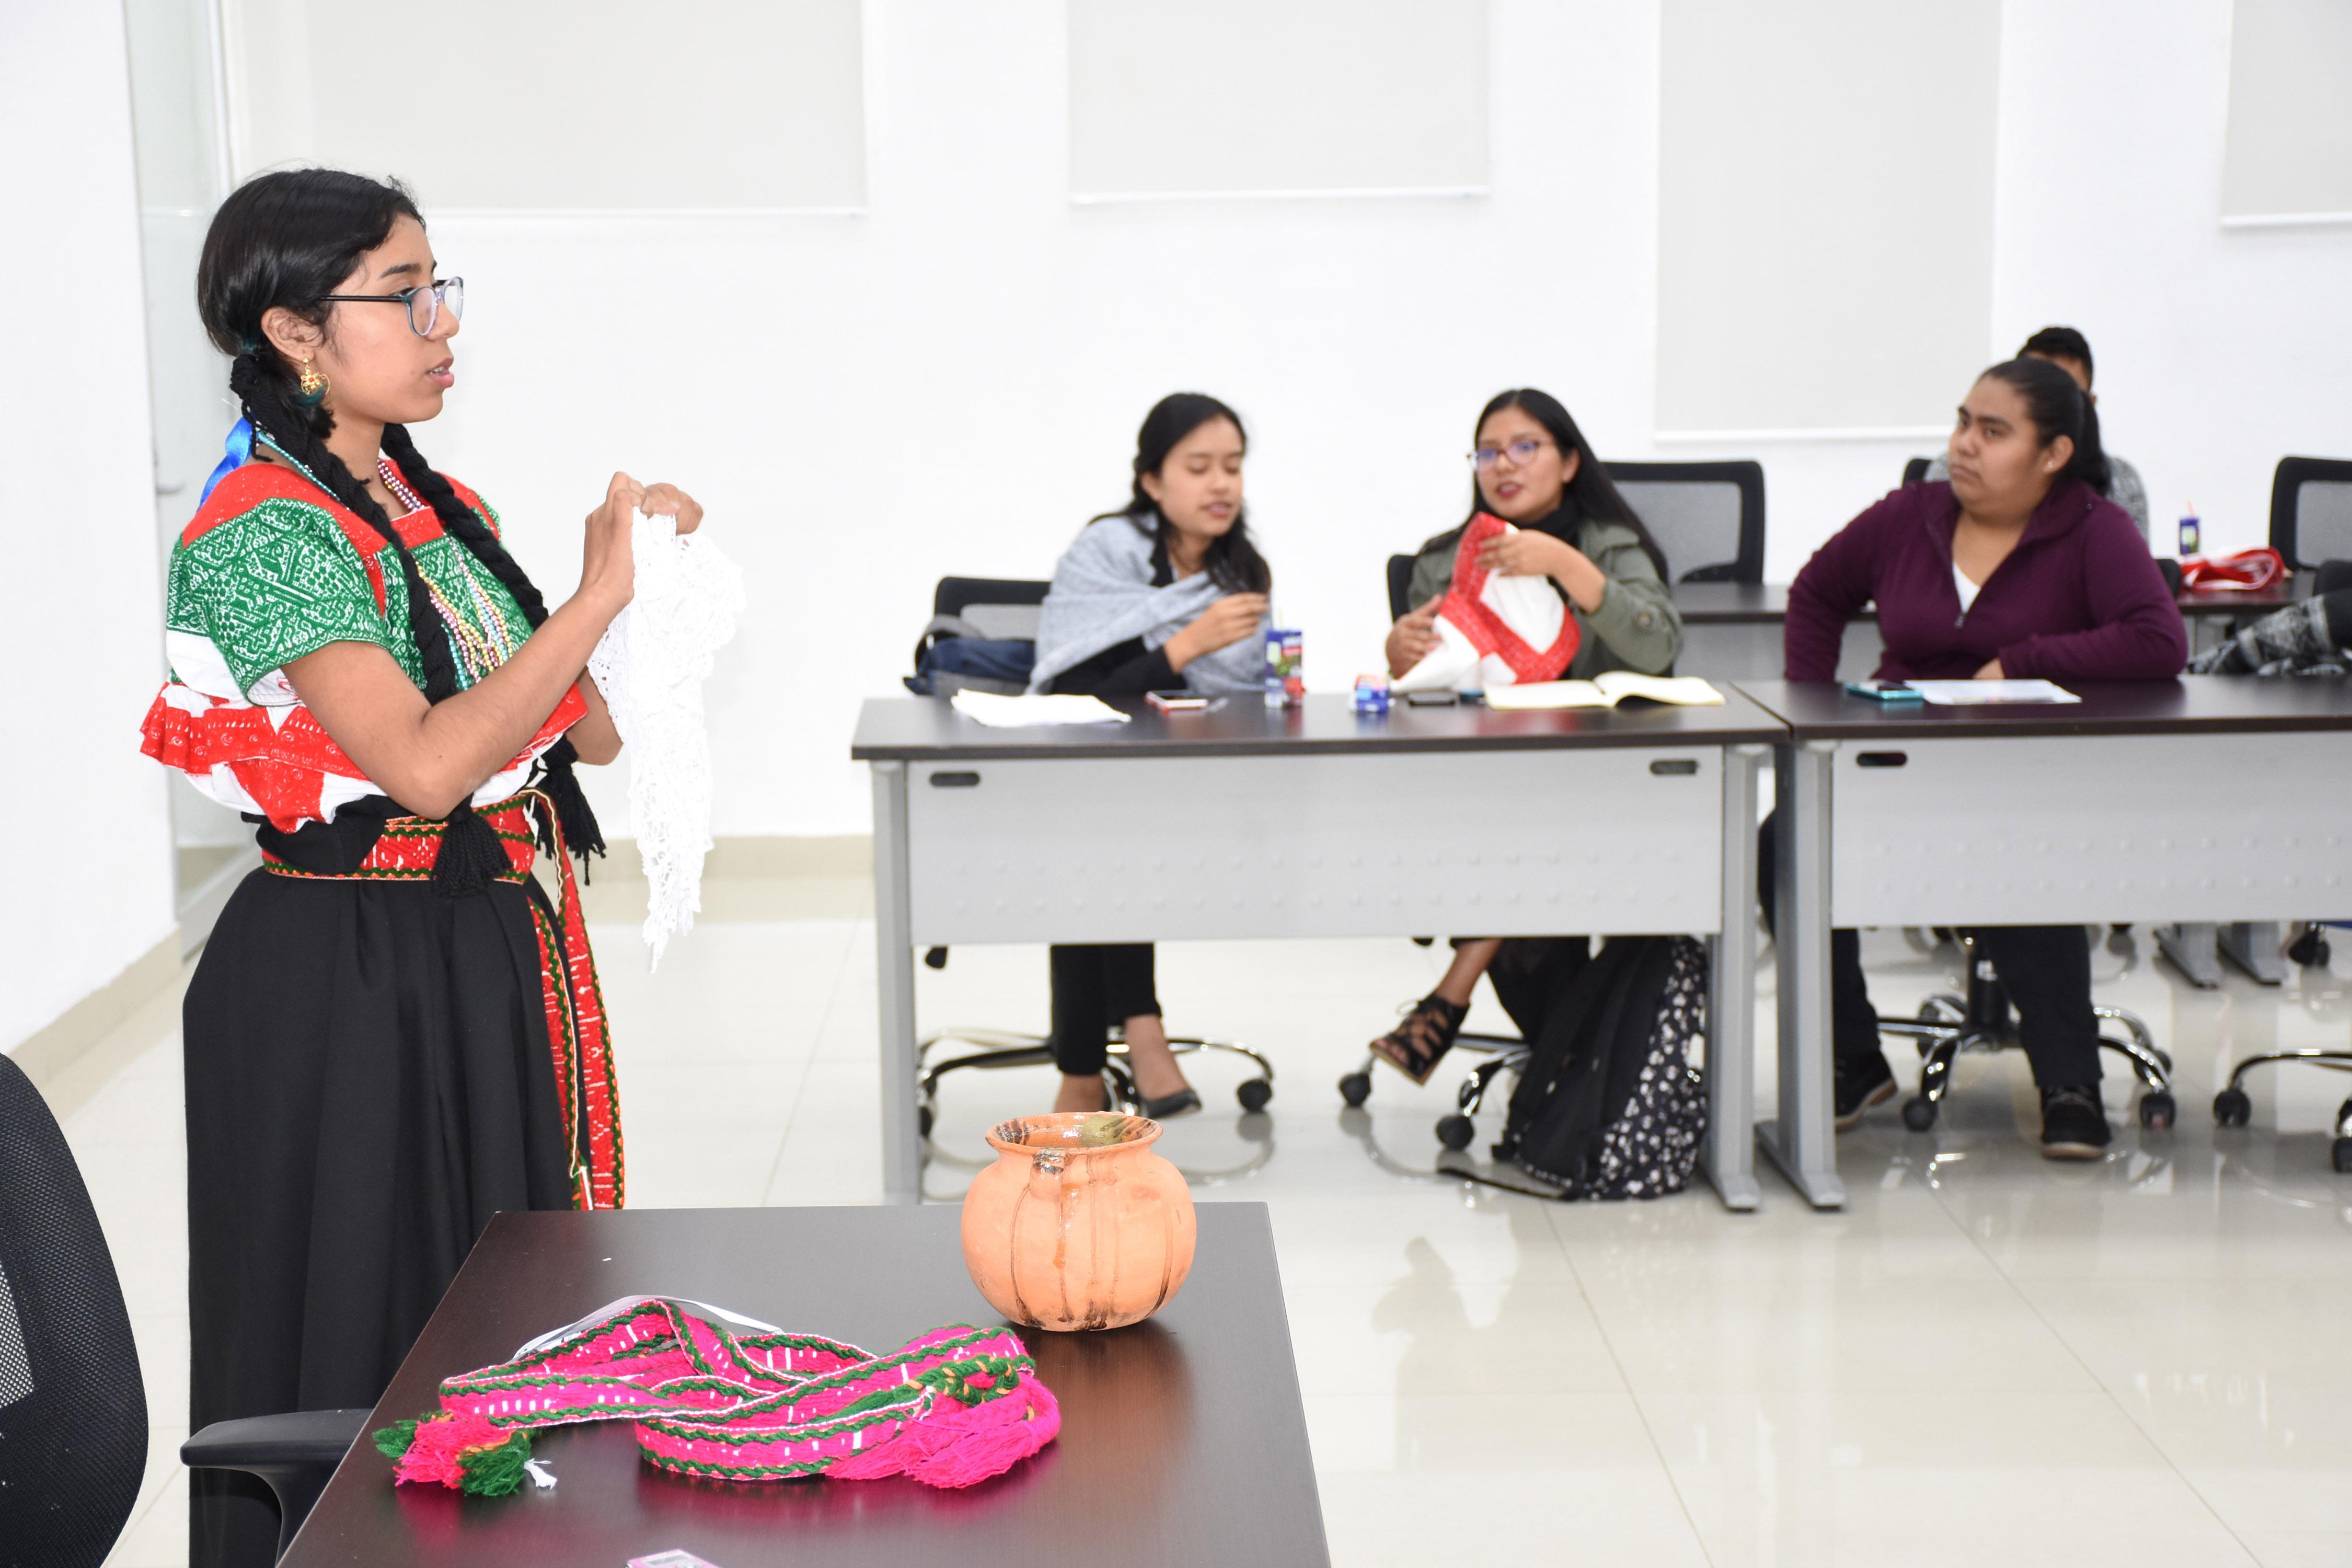 Exclusión y reconocimiento: lucha permanente de los pueblos originarios: investigador BUAP